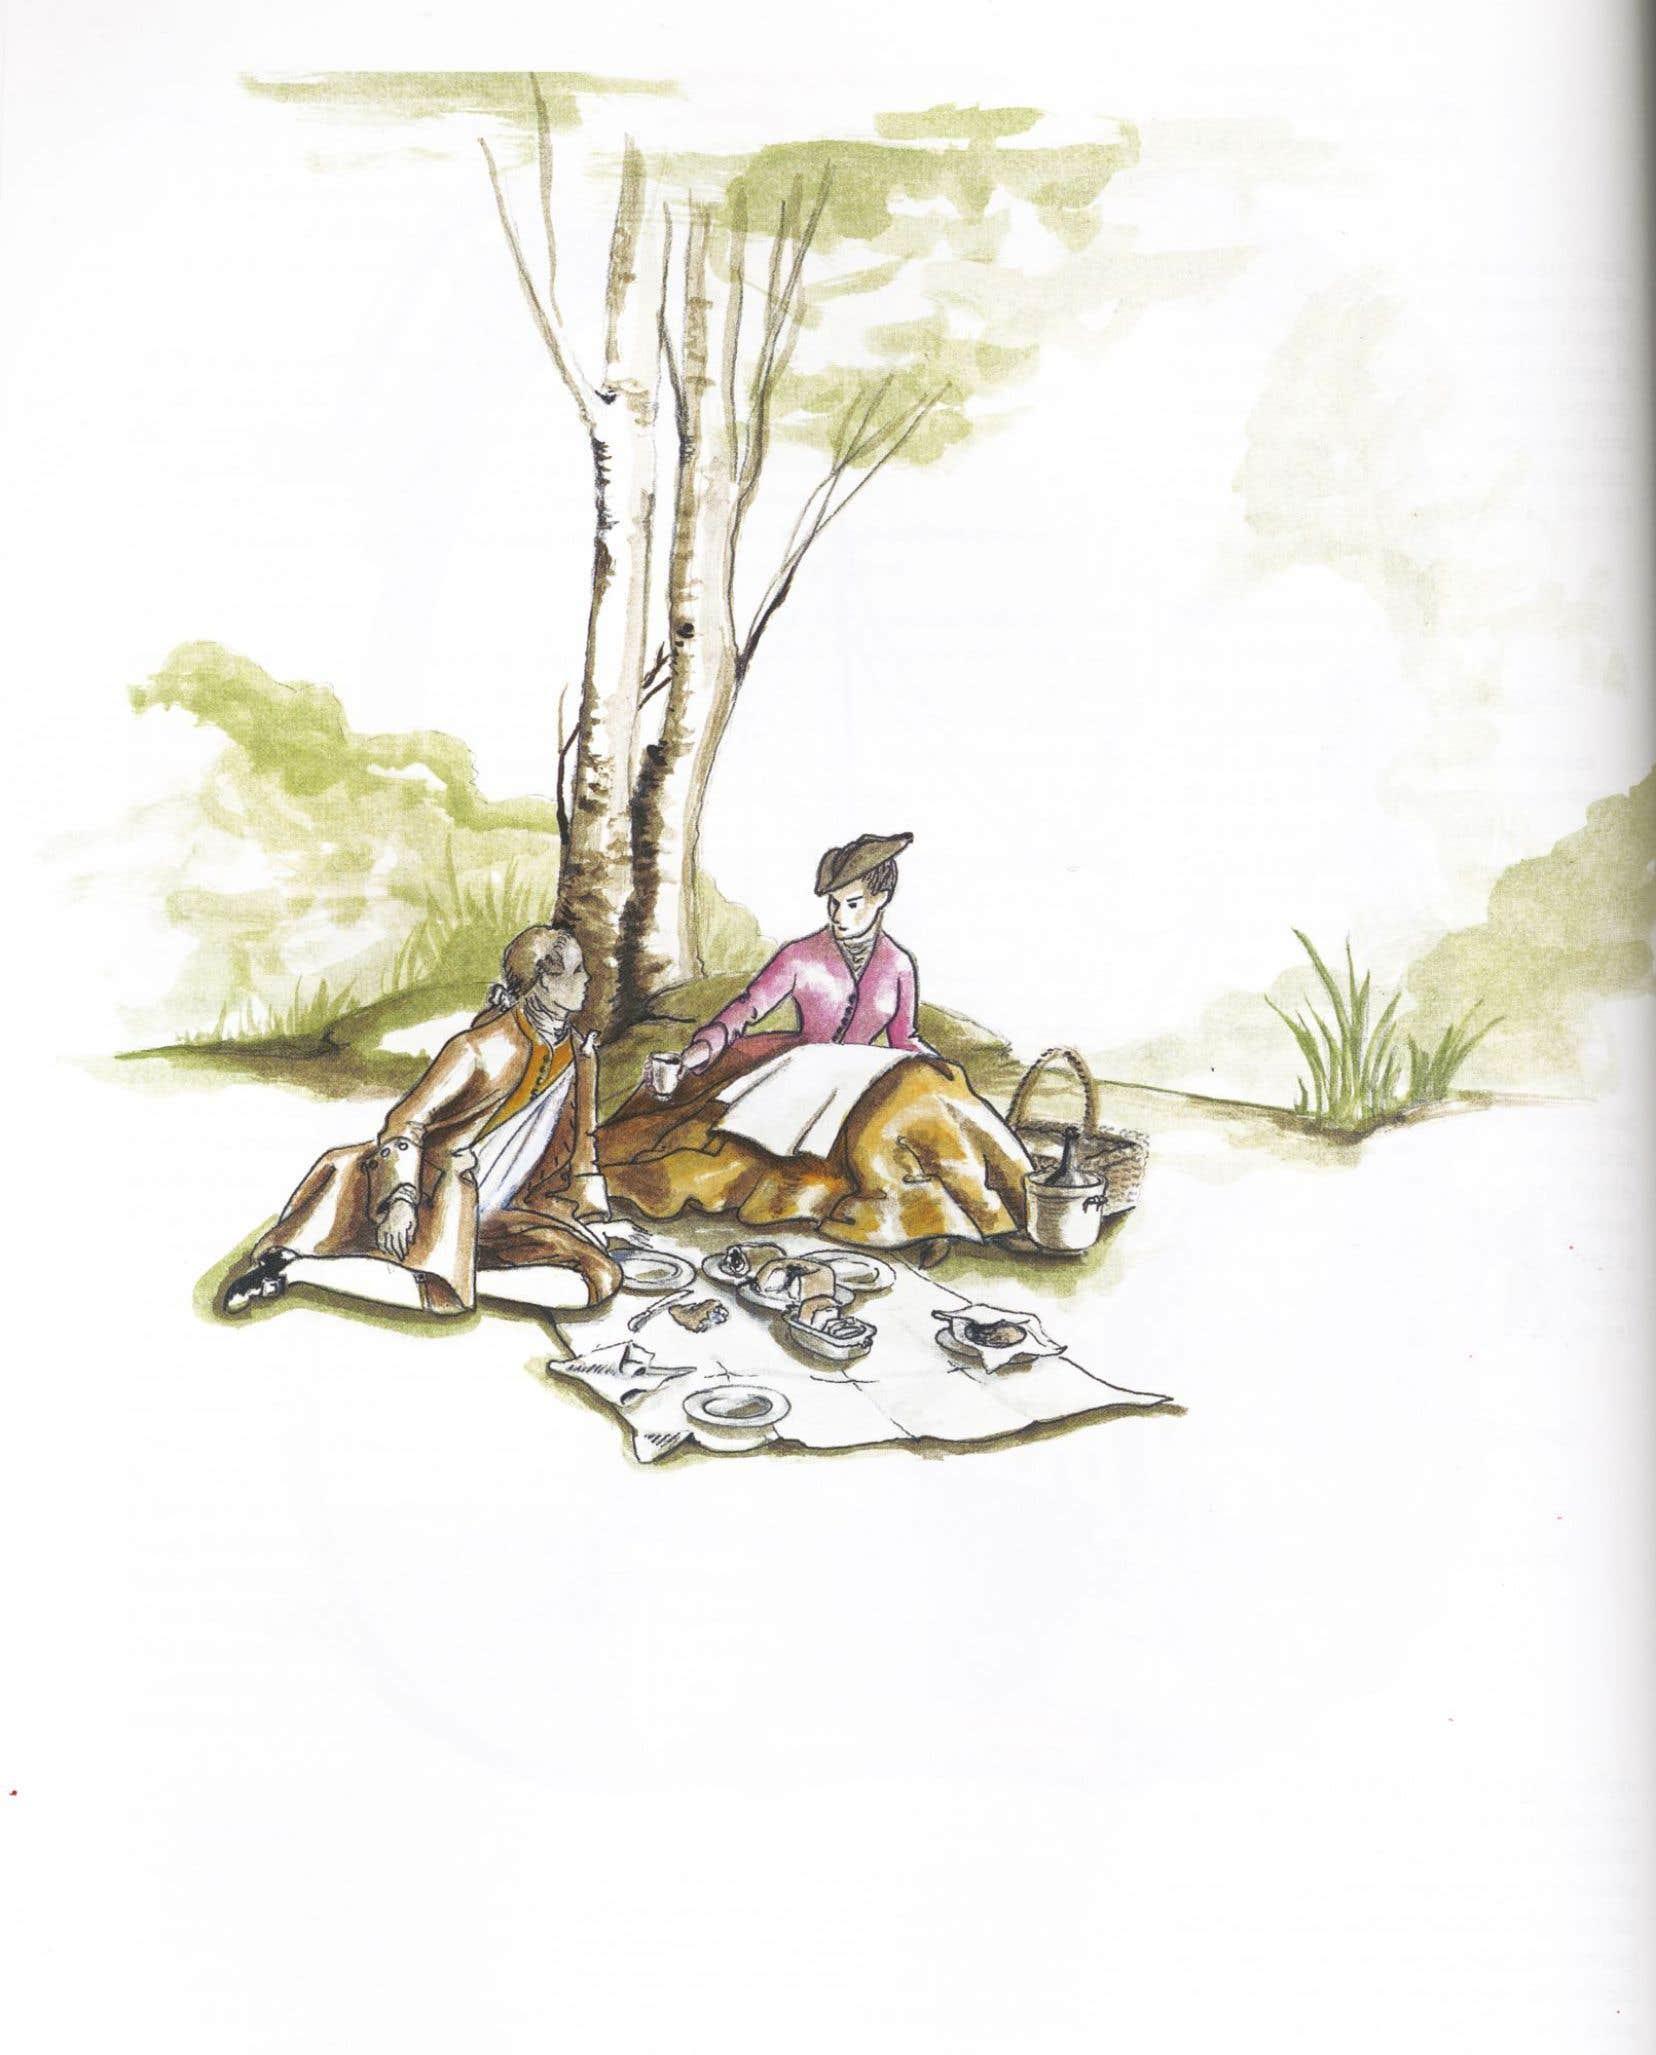 Les illustrations de Deni Blanchet colorent le livre.